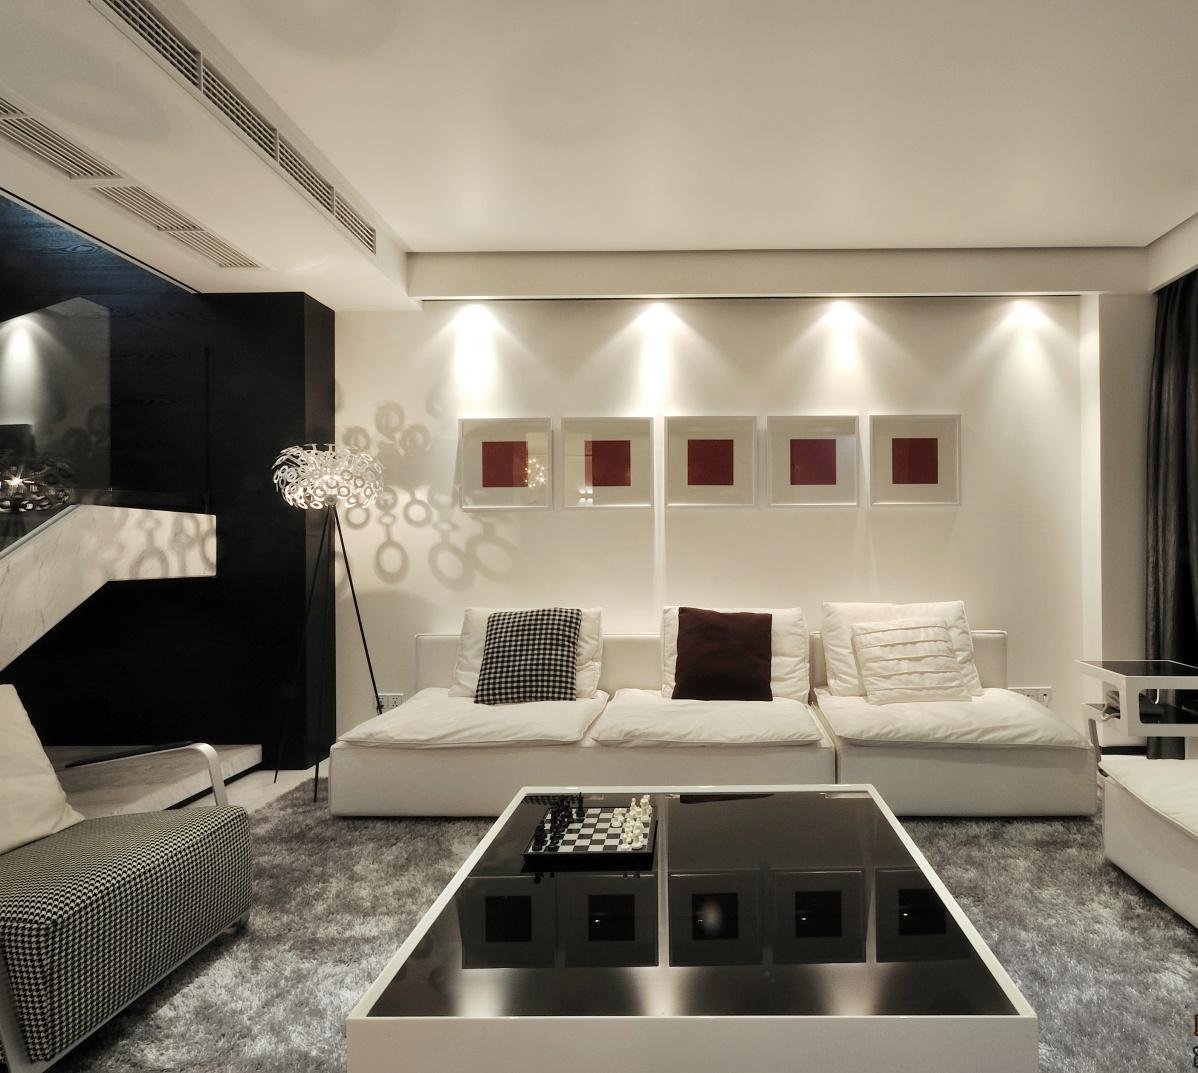 家装现代风格效果图_热门现代复式客厅装修图片大全-土巴兔装修效果图